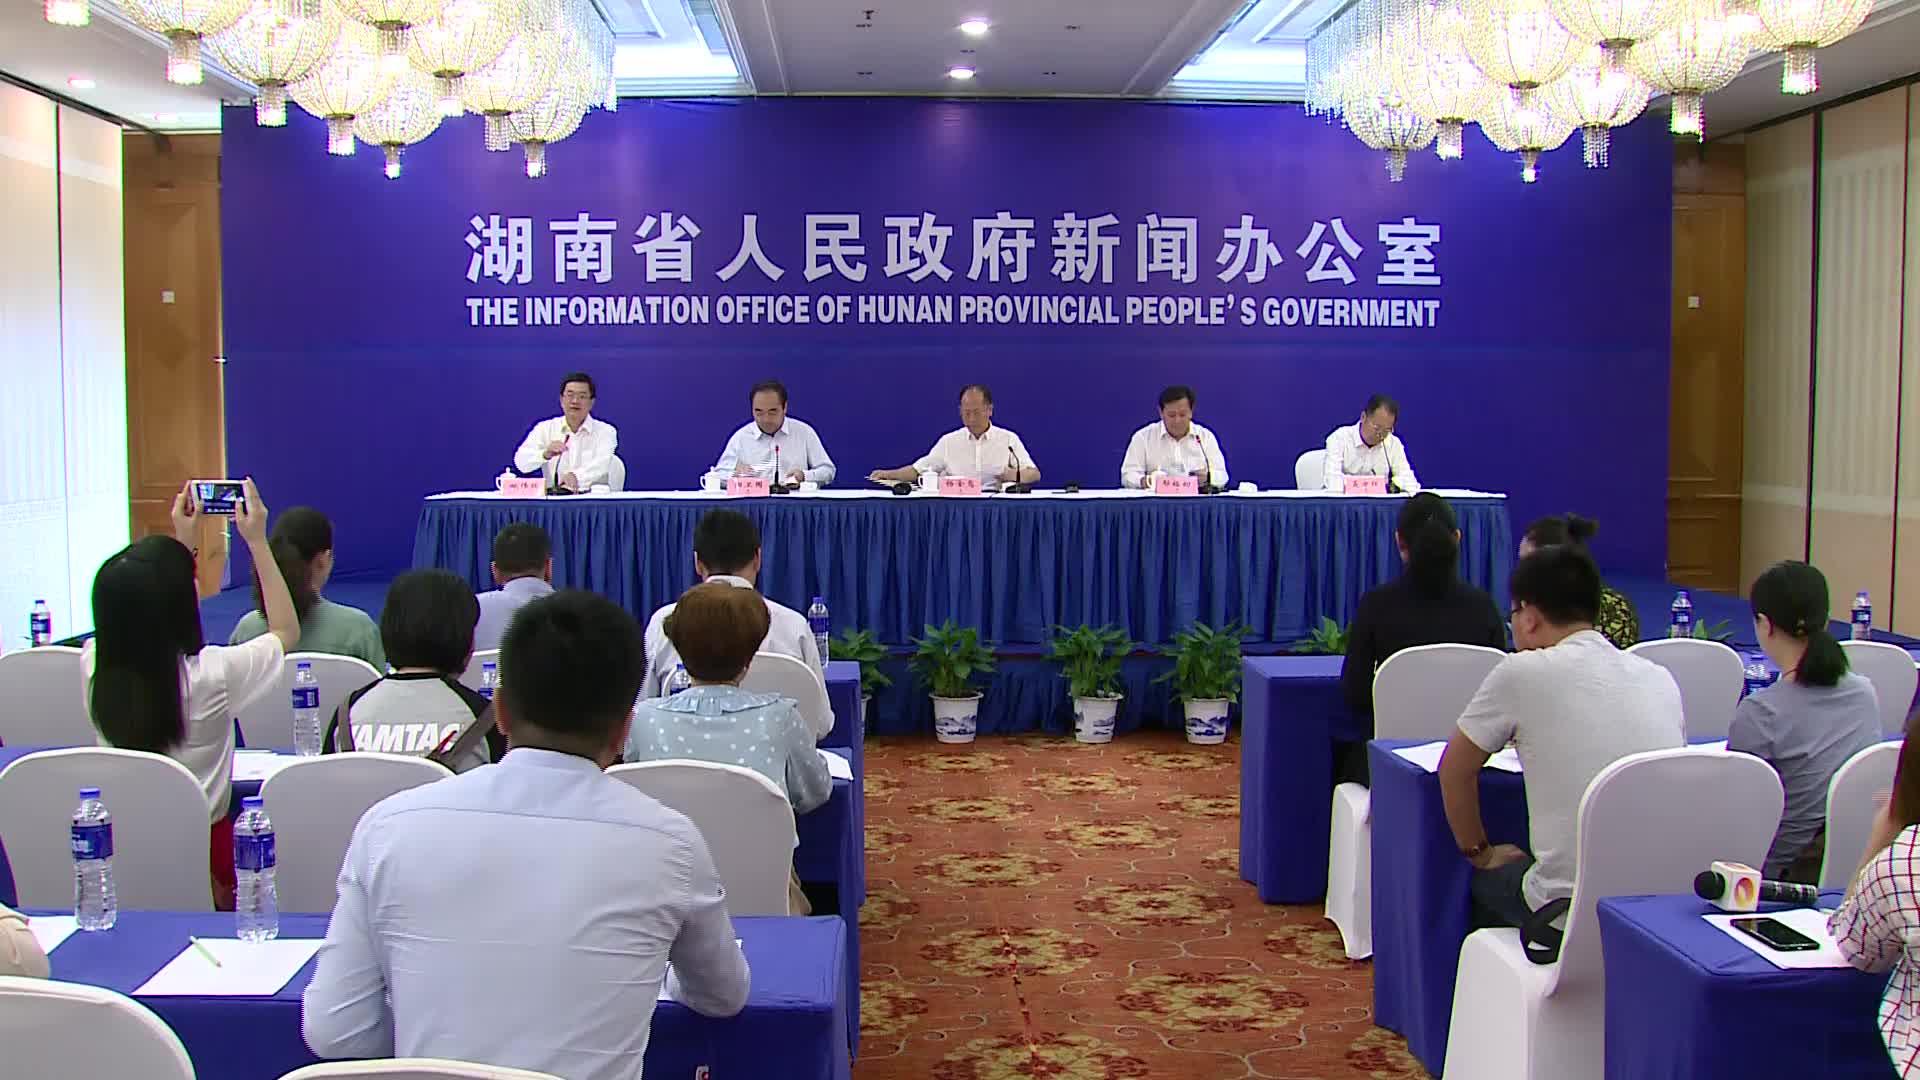 【全程回放】第六届湖南艺术节新闻发布会